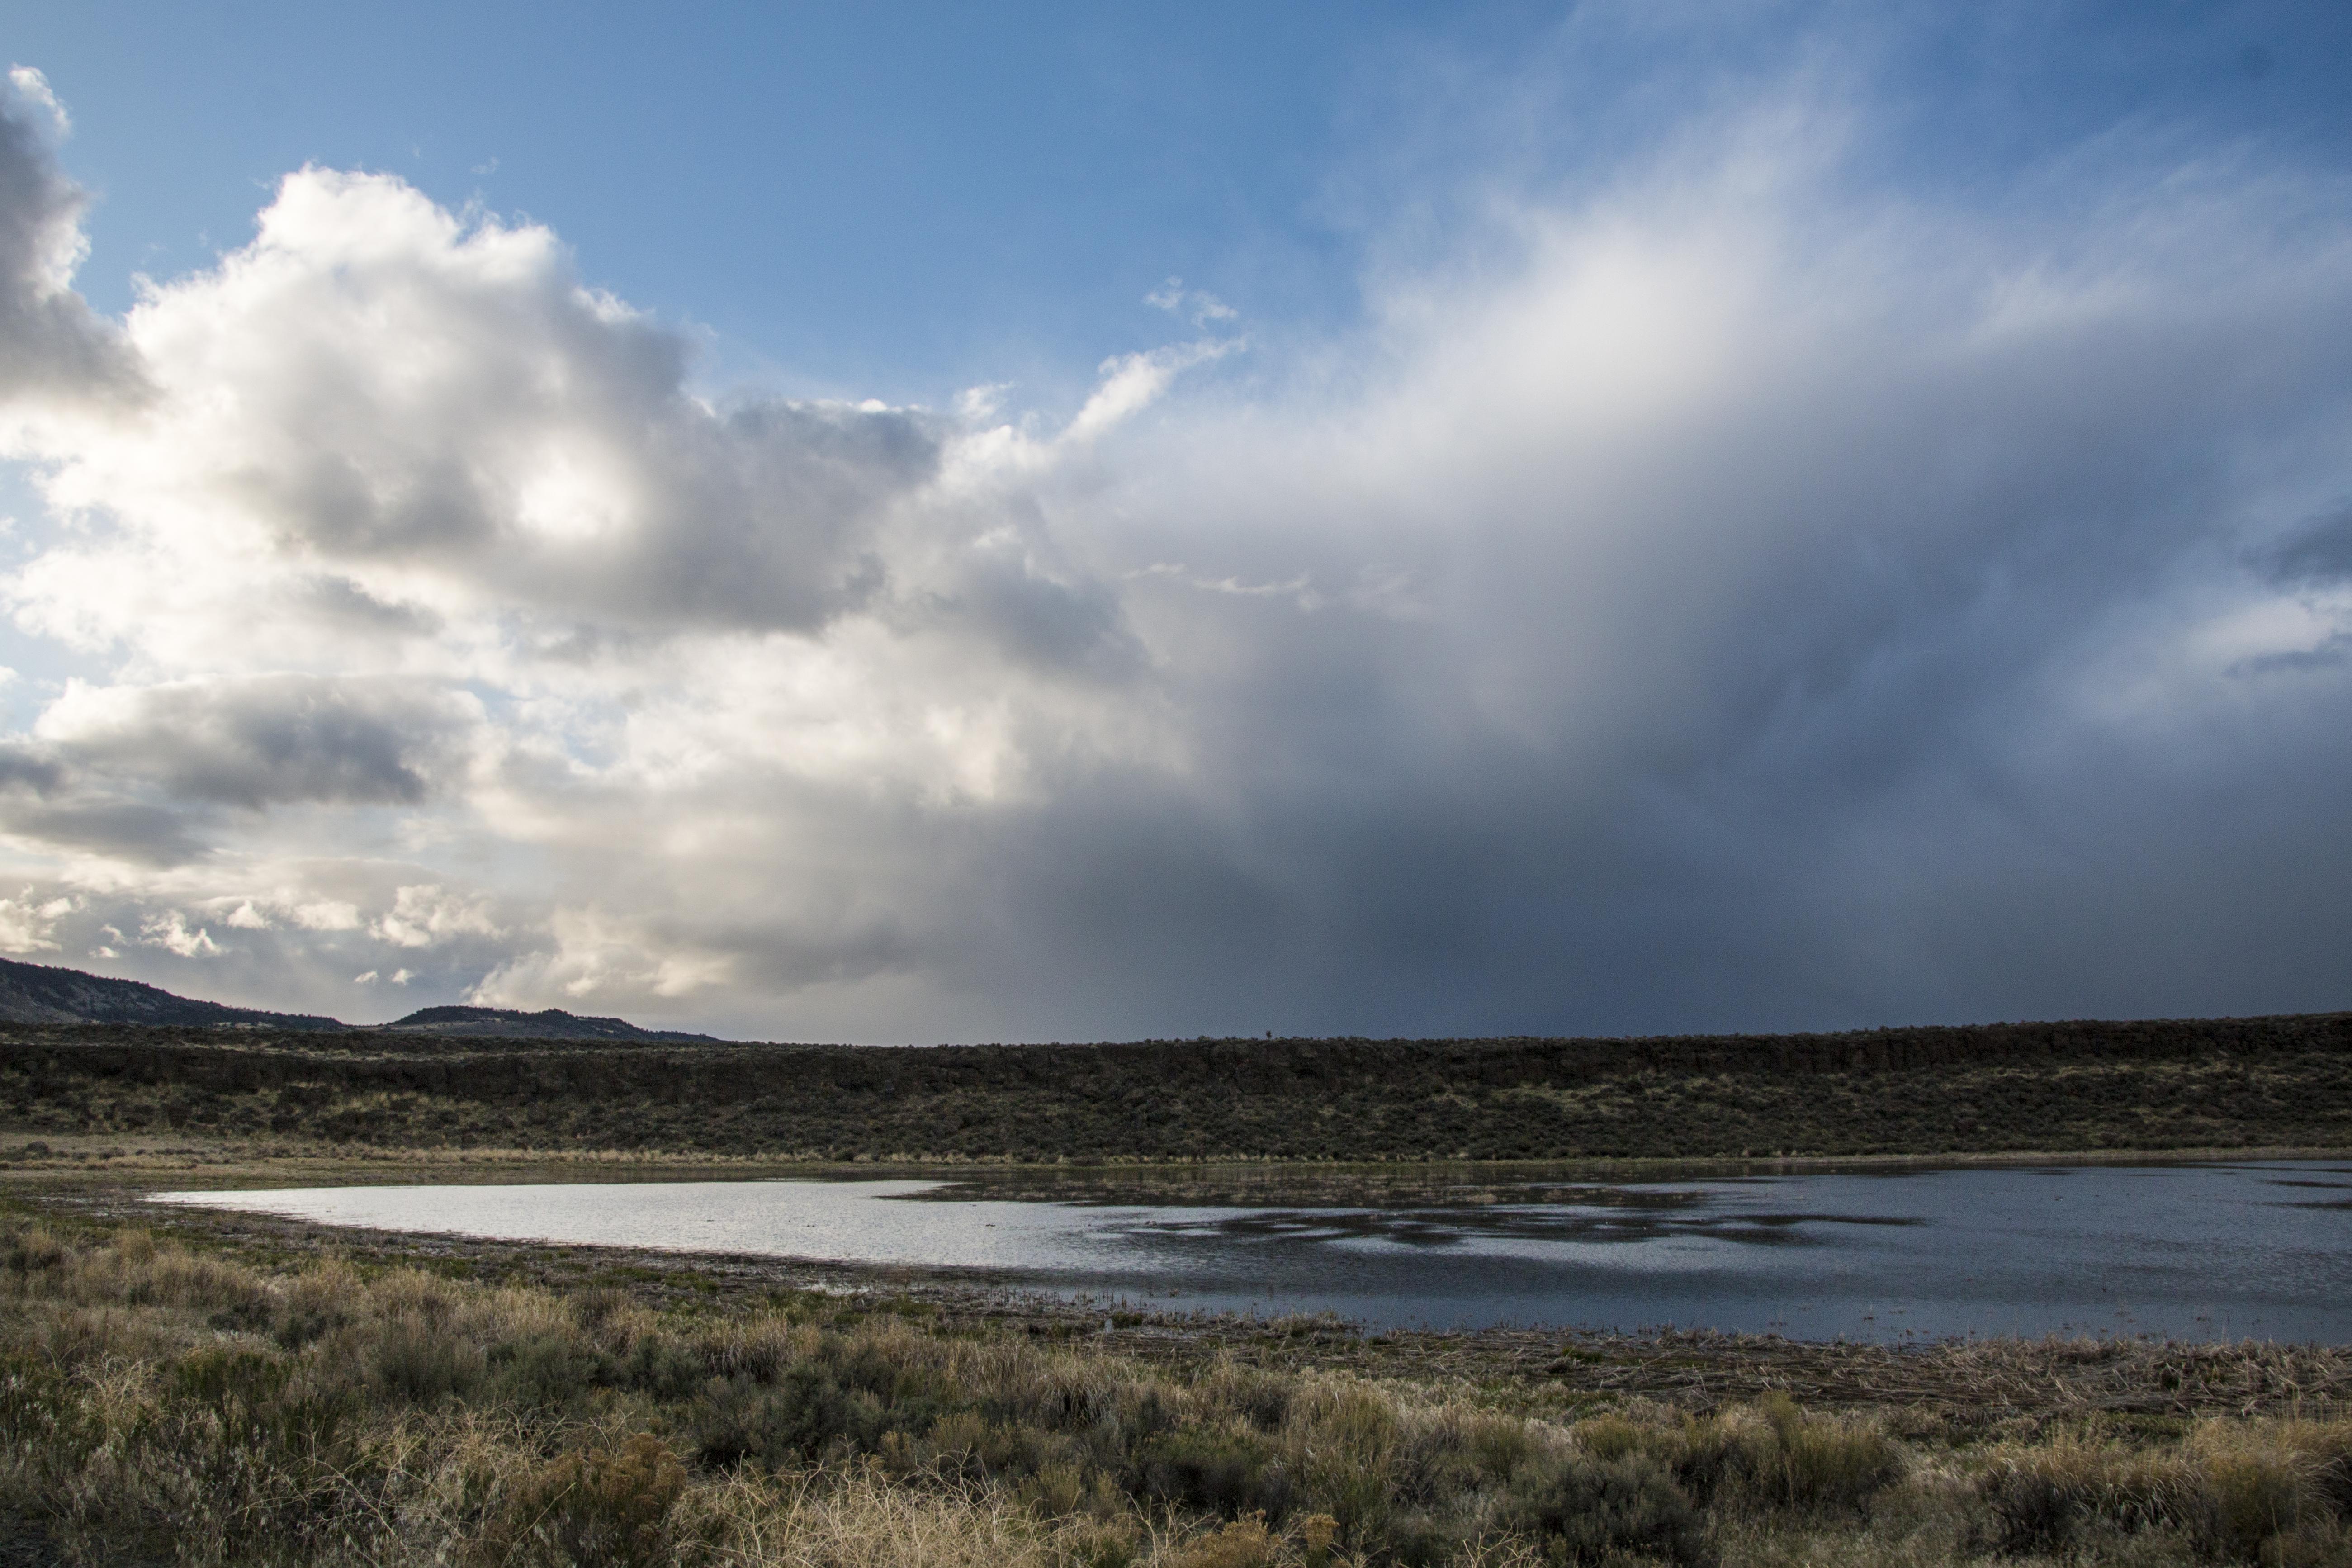 Raining on mahleur national wildlife refuge, oregon photo